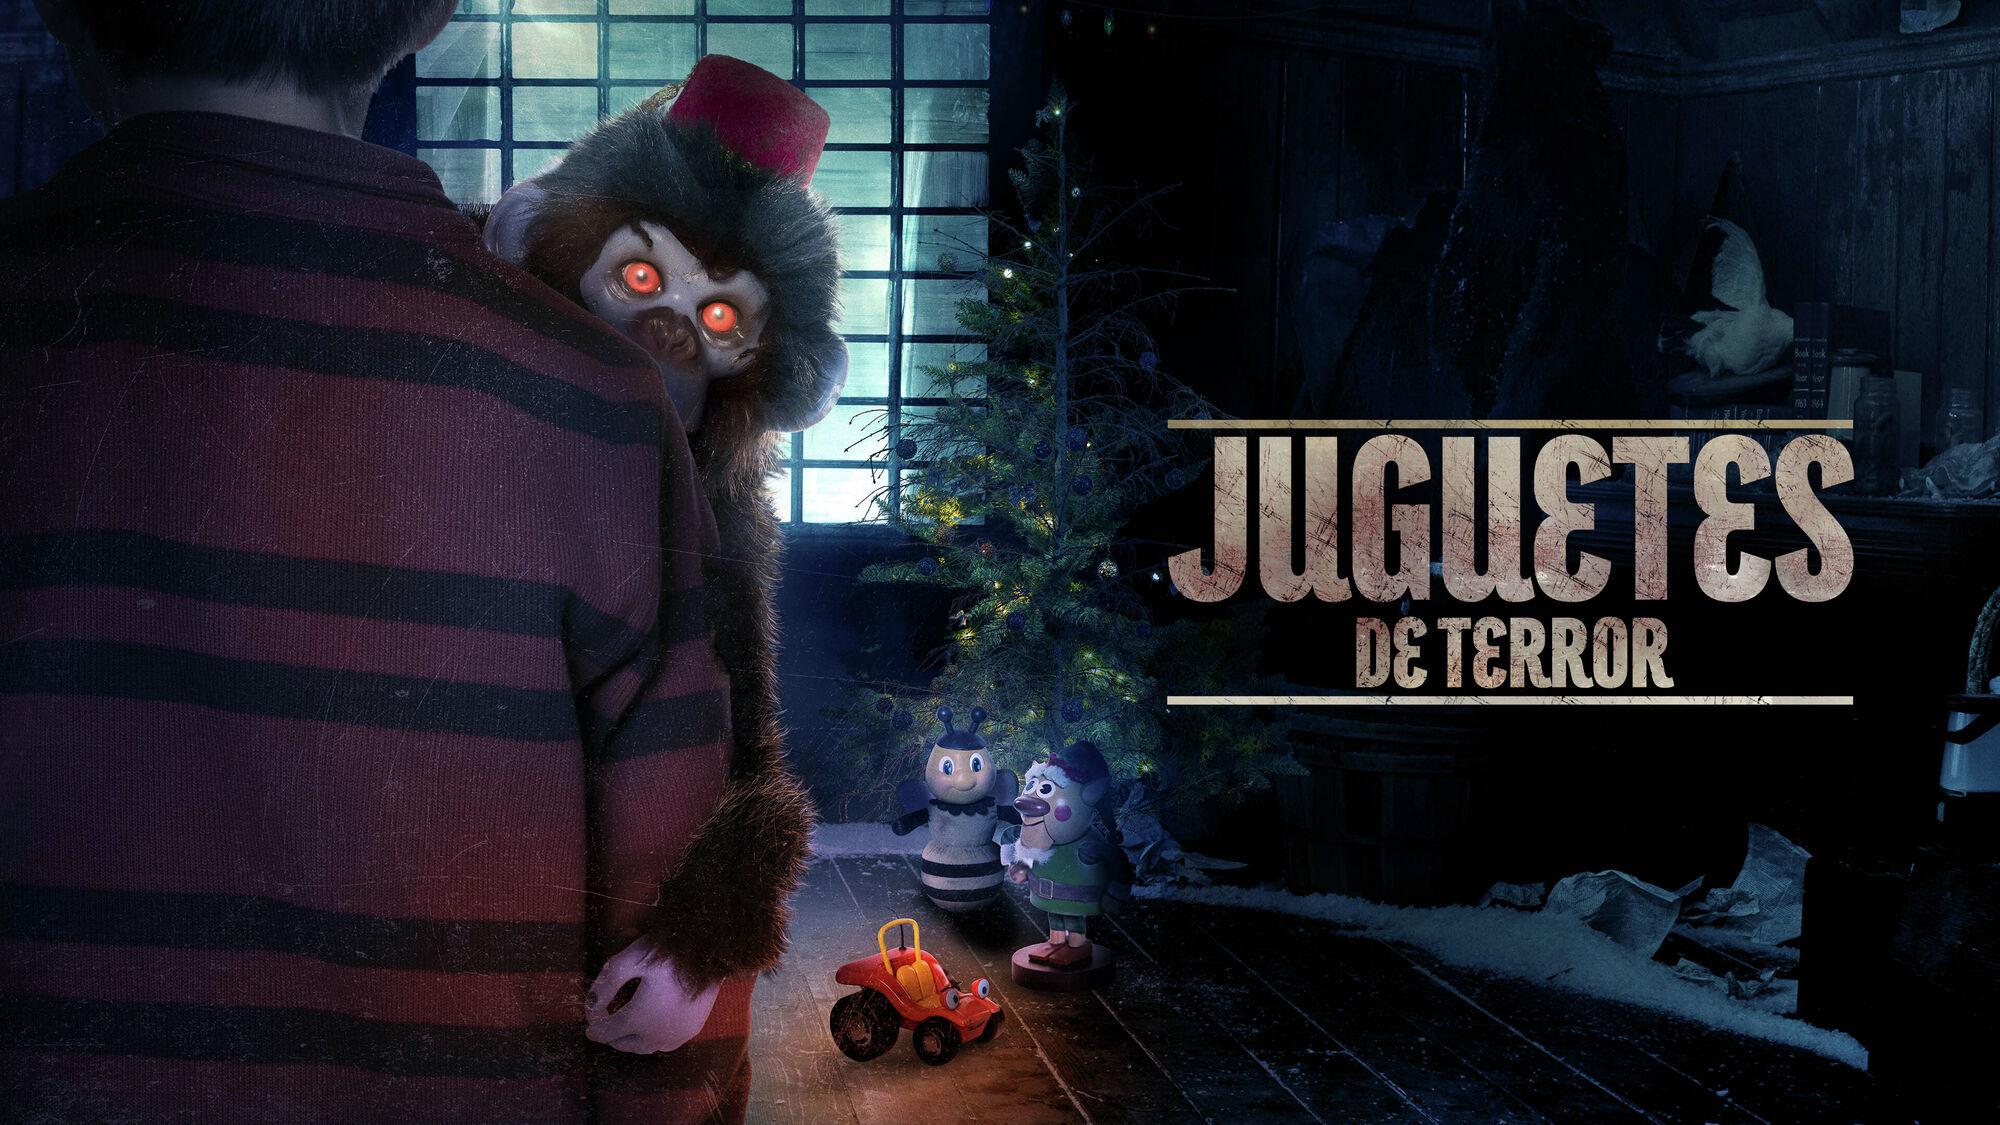 Toys of Terror, Juguetes de Terror, Warner Bros, WB Terror, Películas